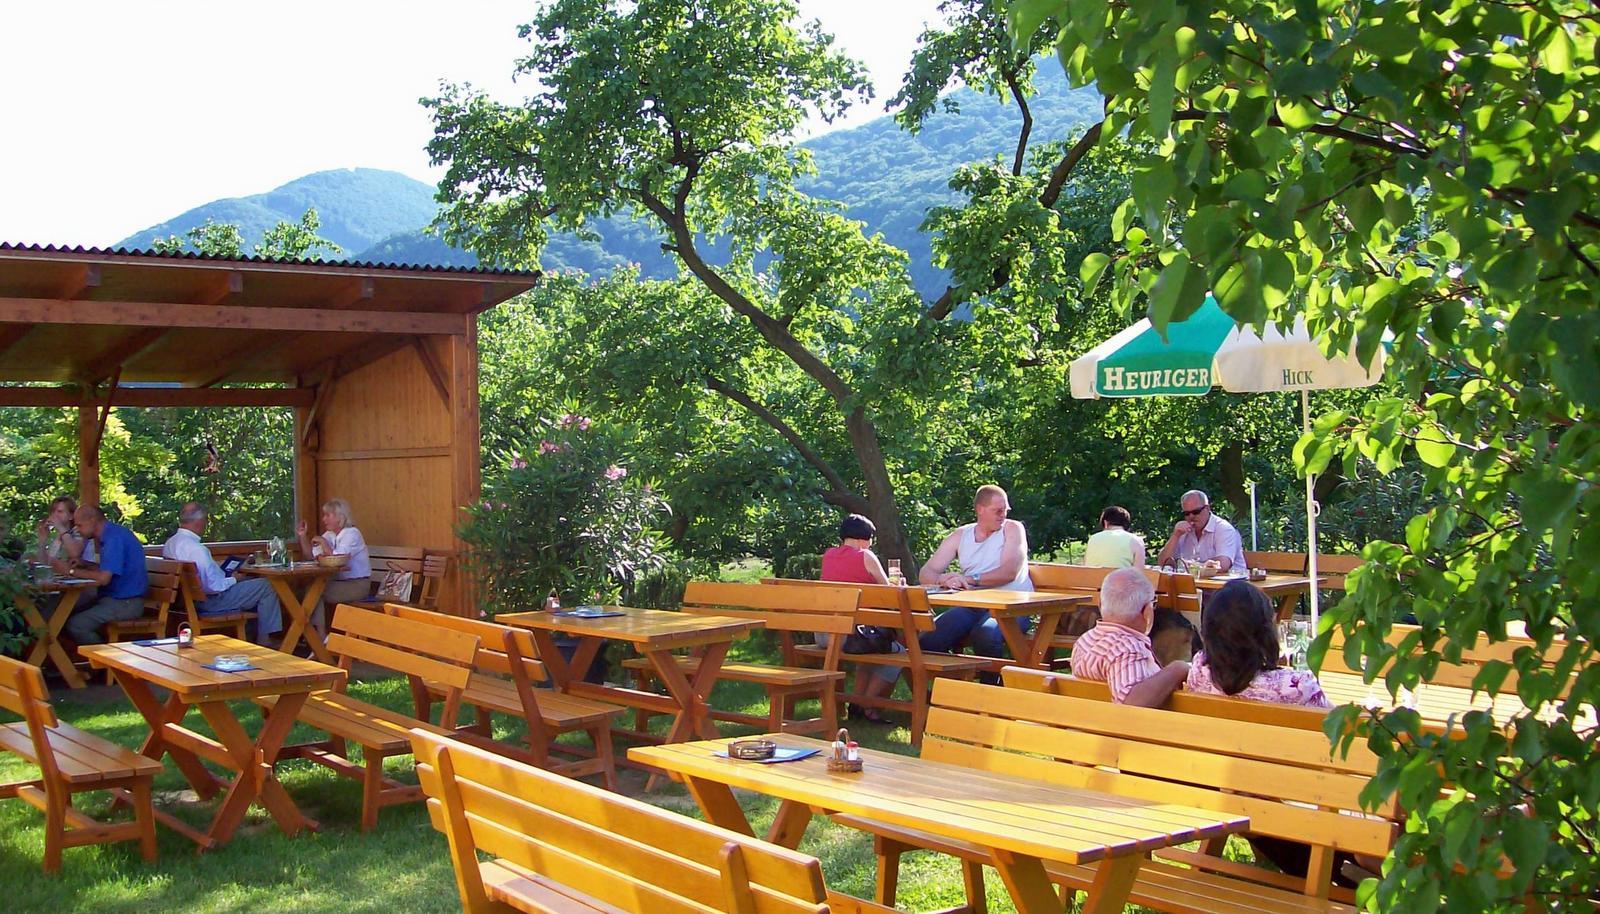 Heuriger in der Wachau